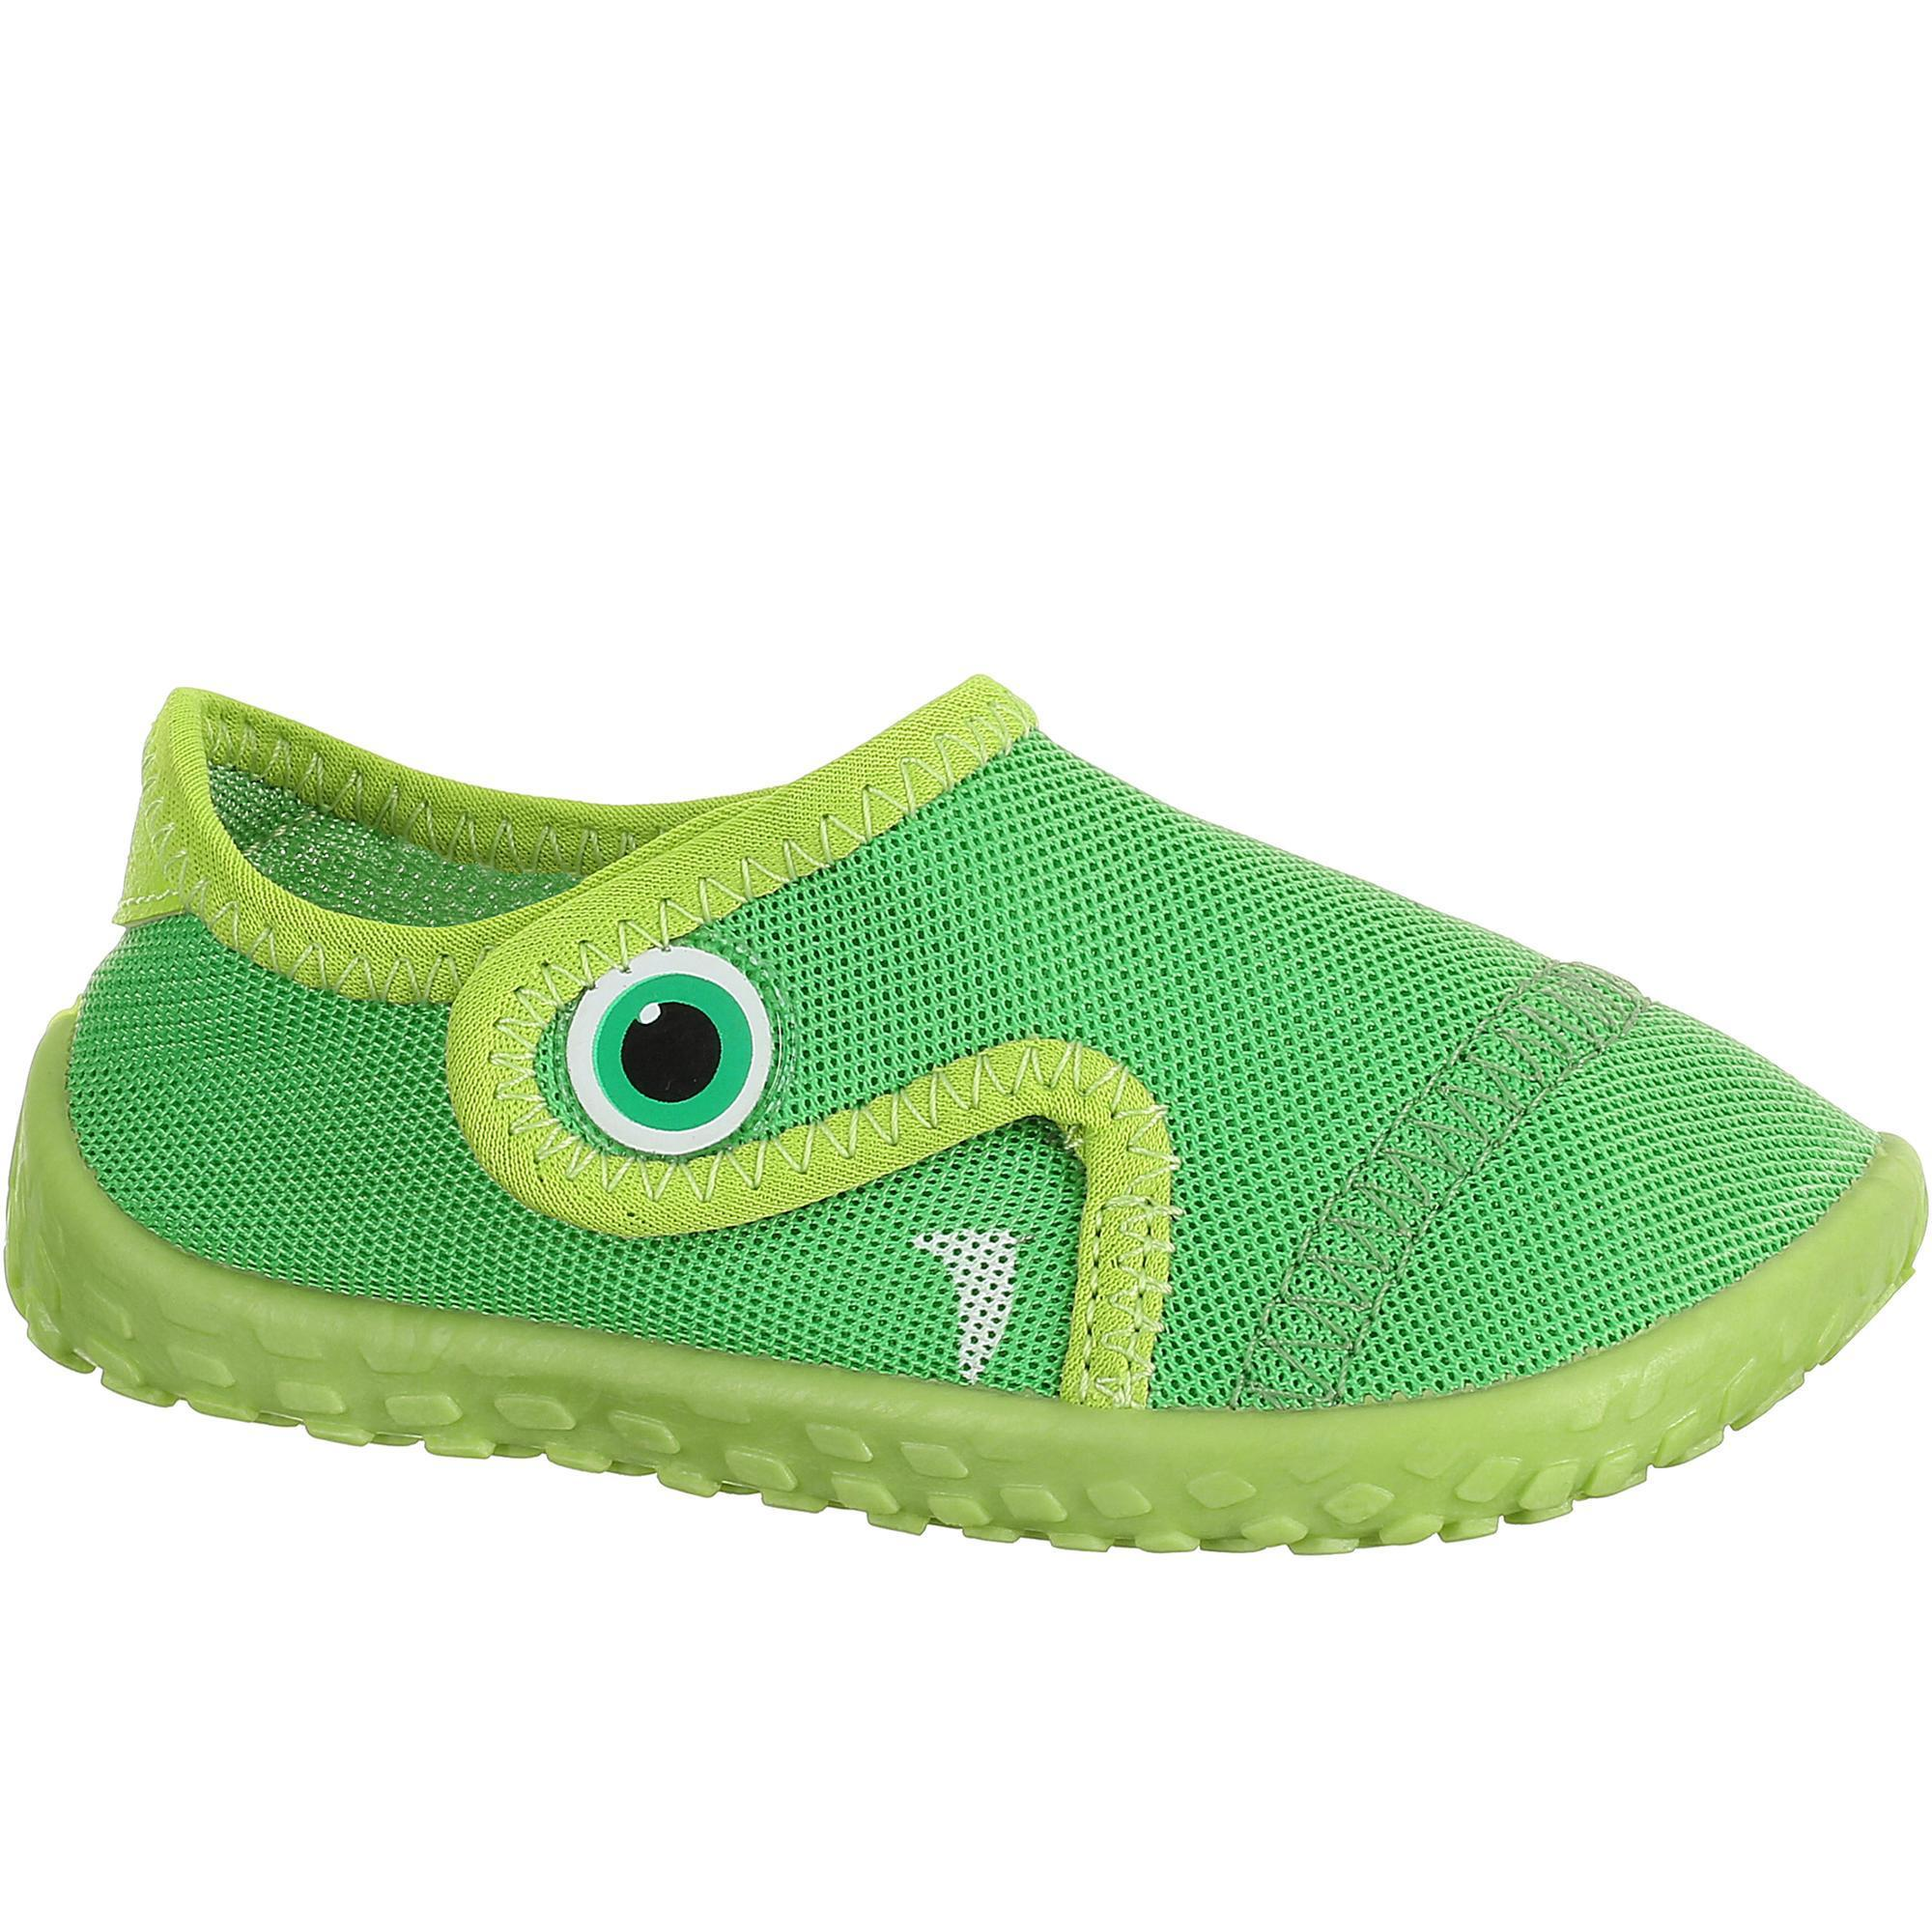 site réputé 547d6 a46aa Aquashoes, chaussures aquatiques : pour la mer et la plage ...